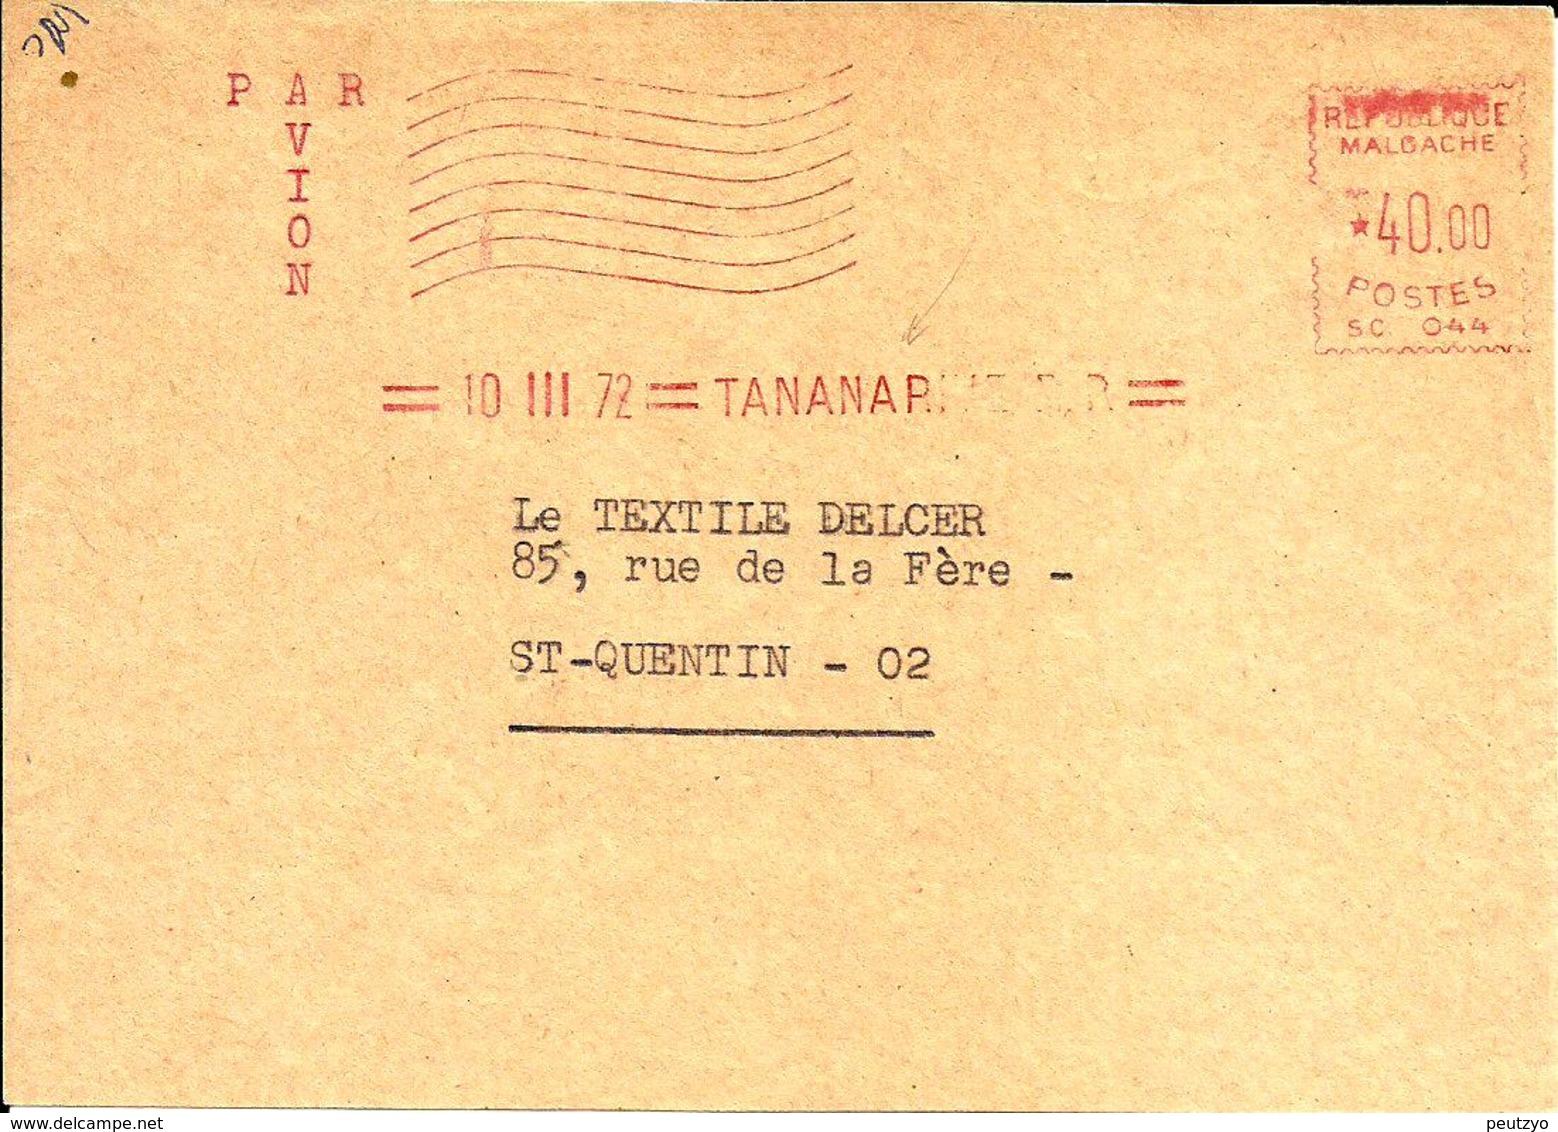 EMA SATAS SC 044 Republique Malgache  1972   A76/3 - EMA (Printer Machine)